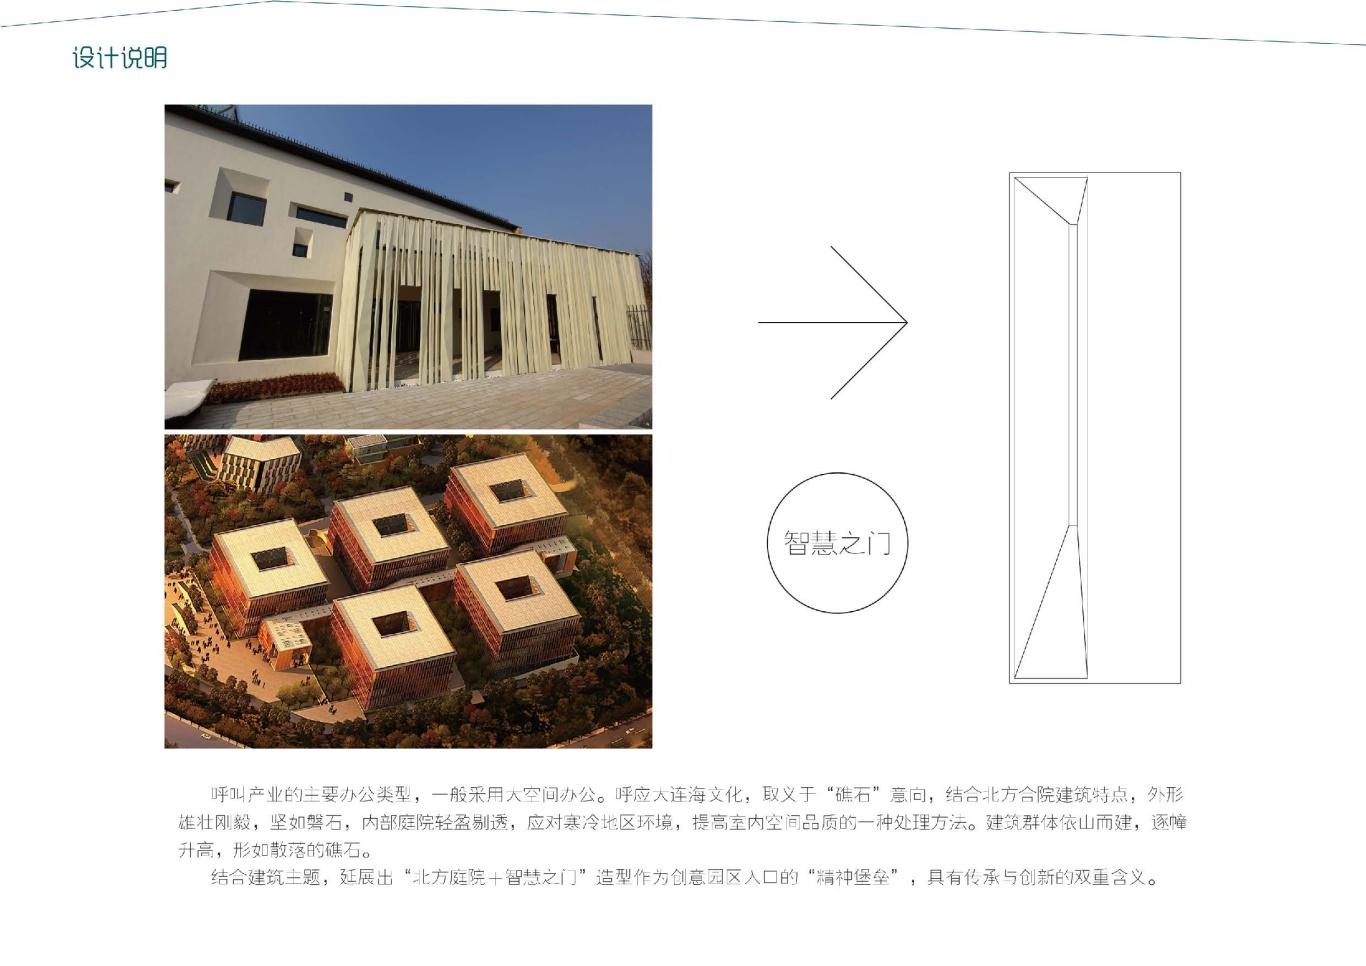 大连泰达慧谷开发区导视系统设计图24